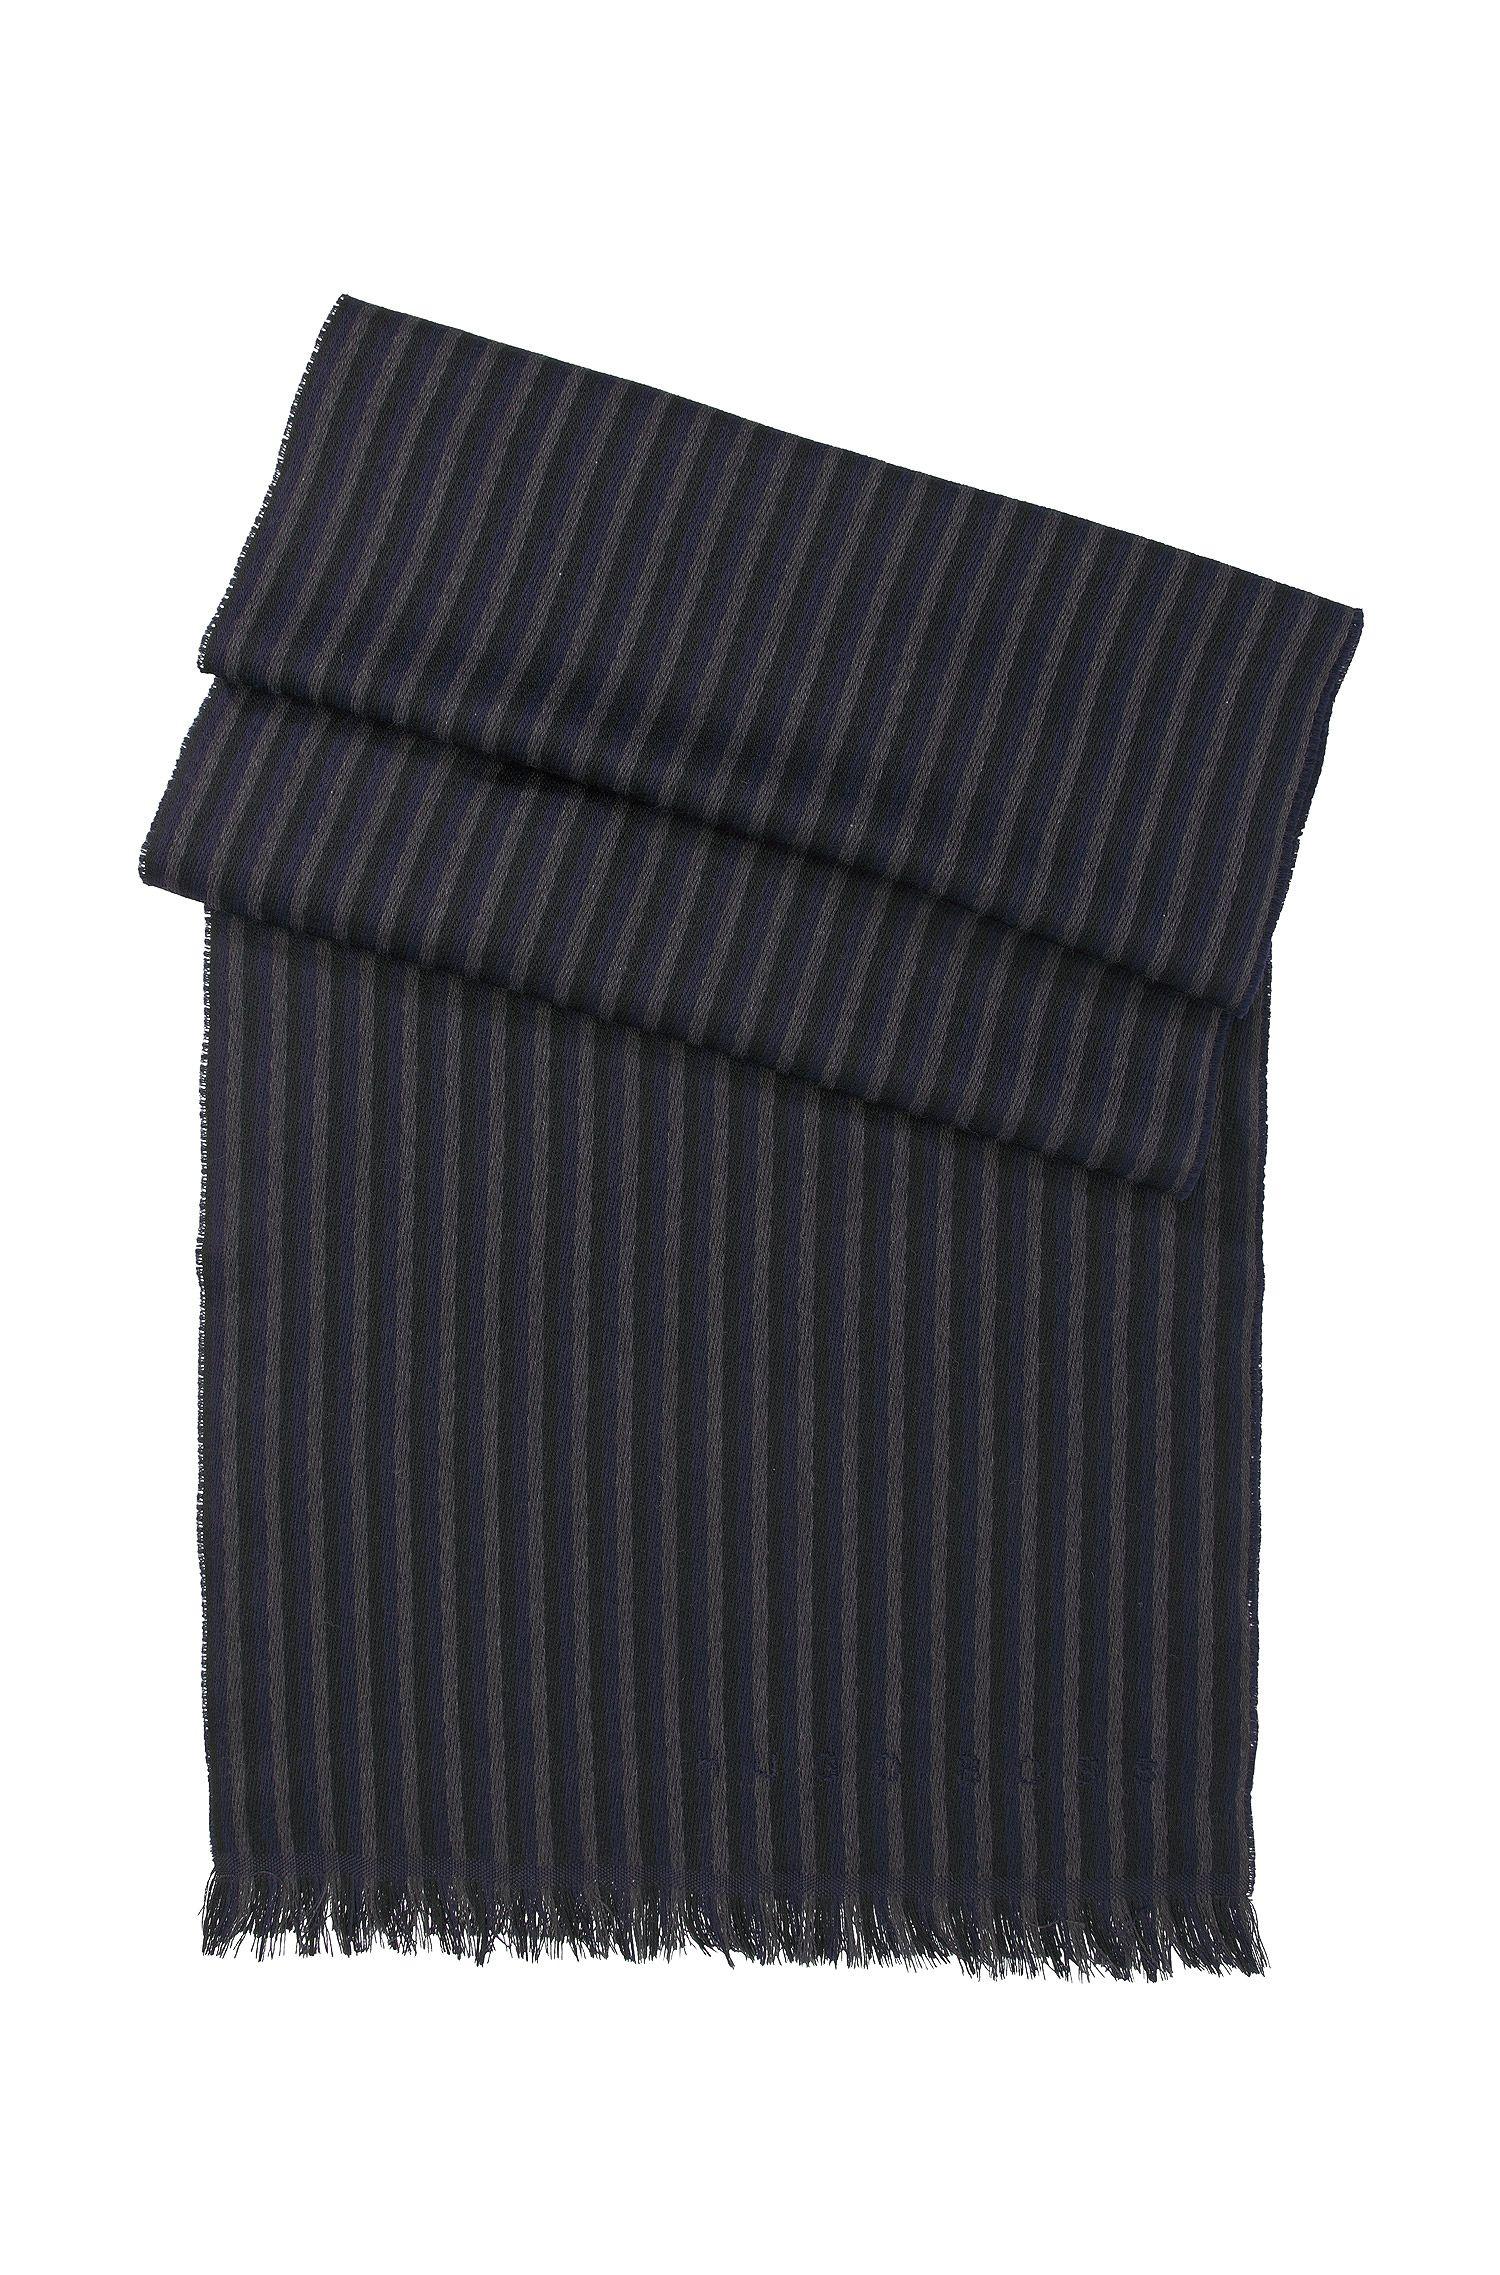 Gebreide sjaal ´Pevo`, van wol